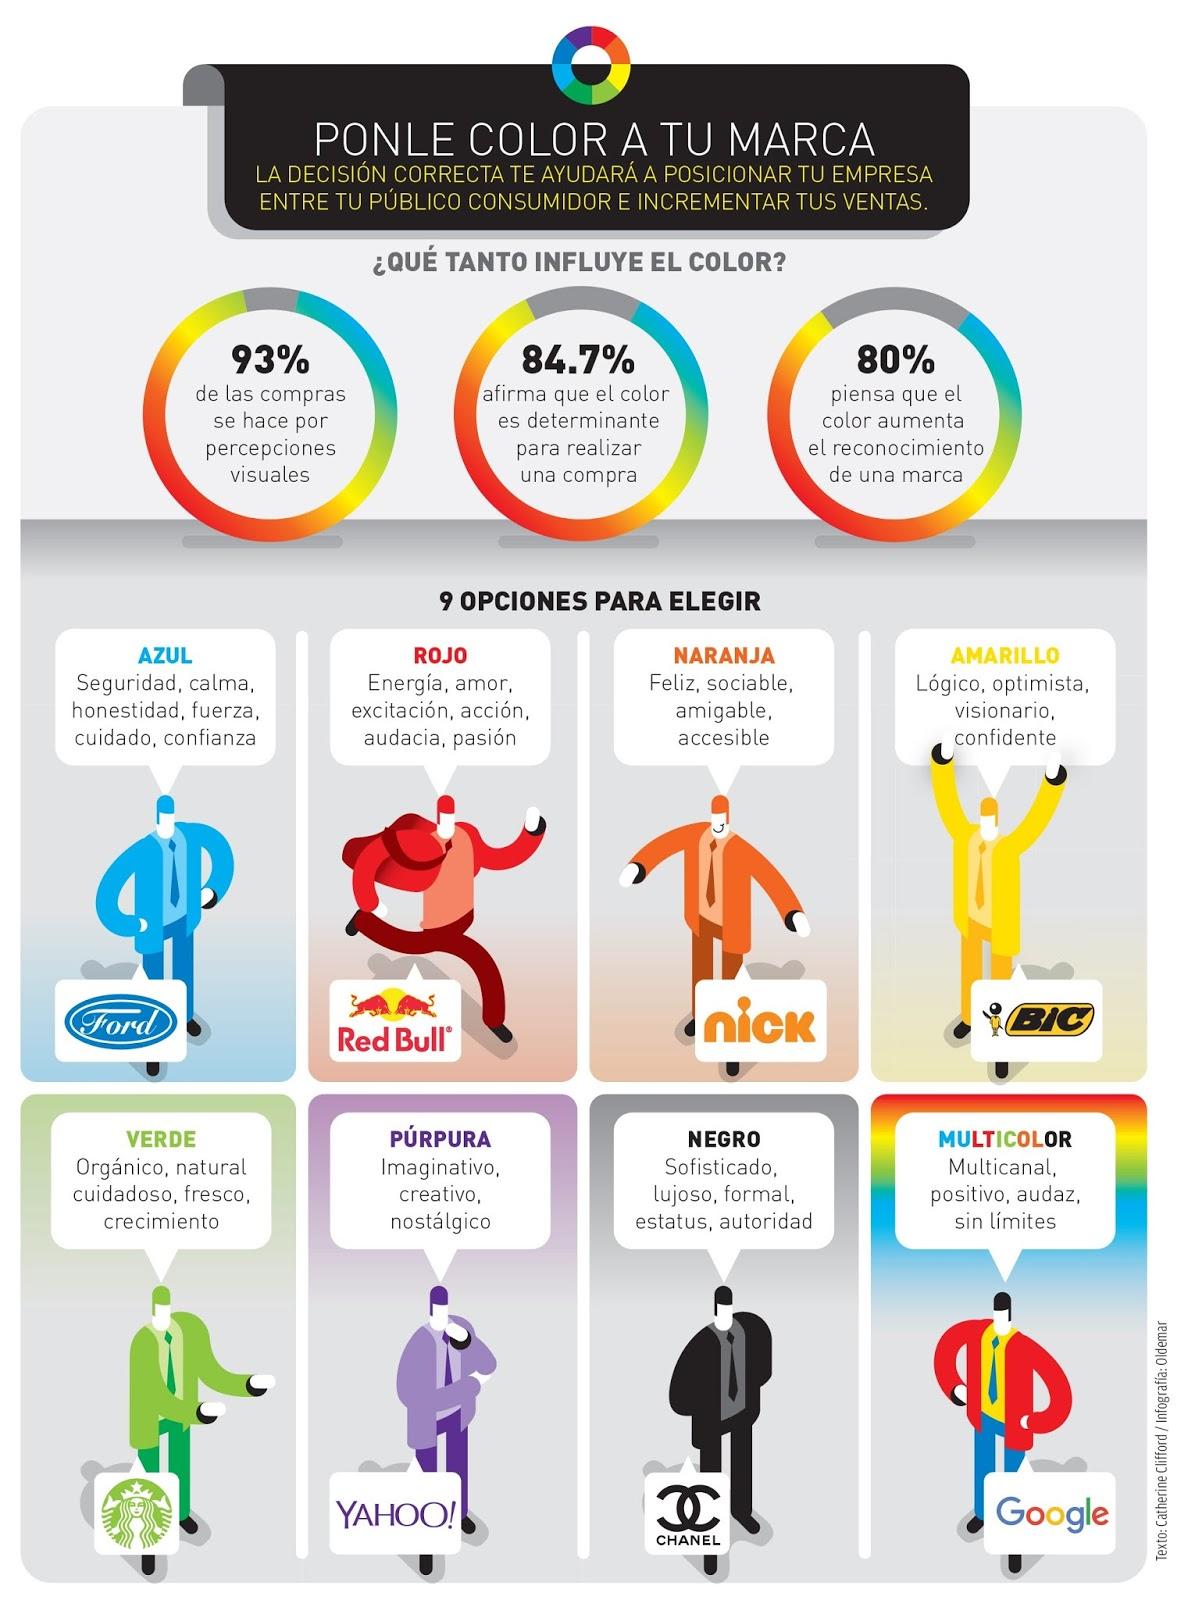 Infografía del significado de los colors en la publicidad